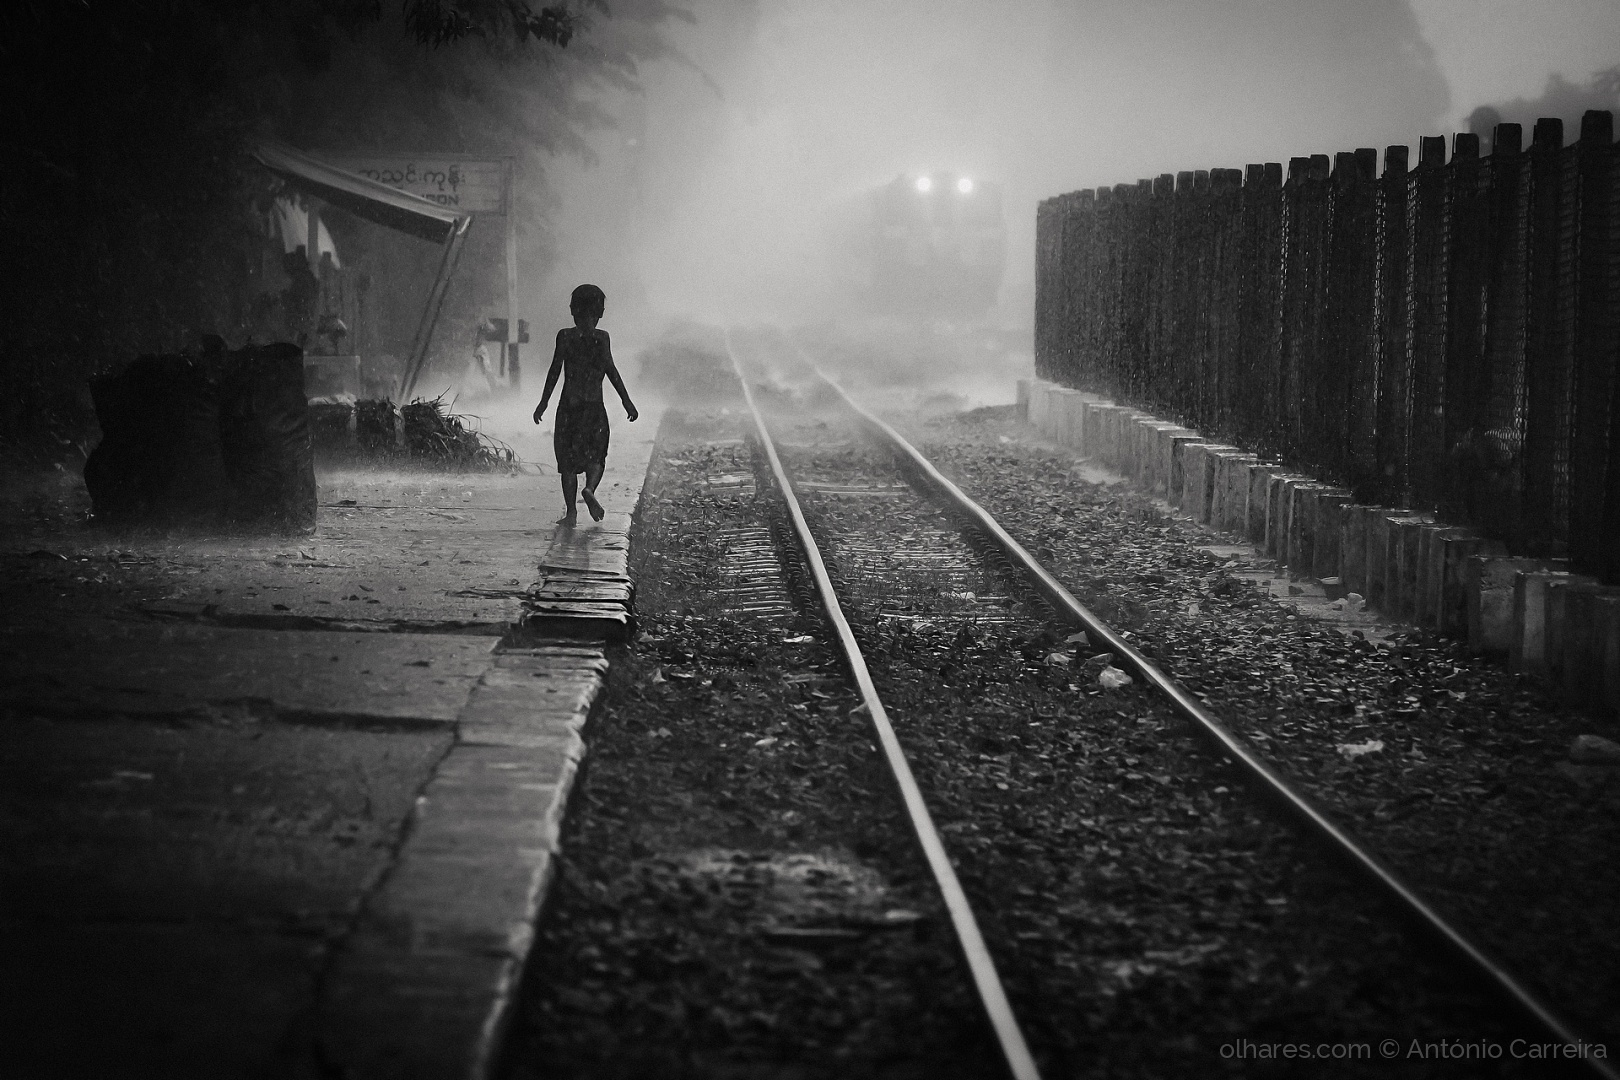 © António Carreira - The rain rails